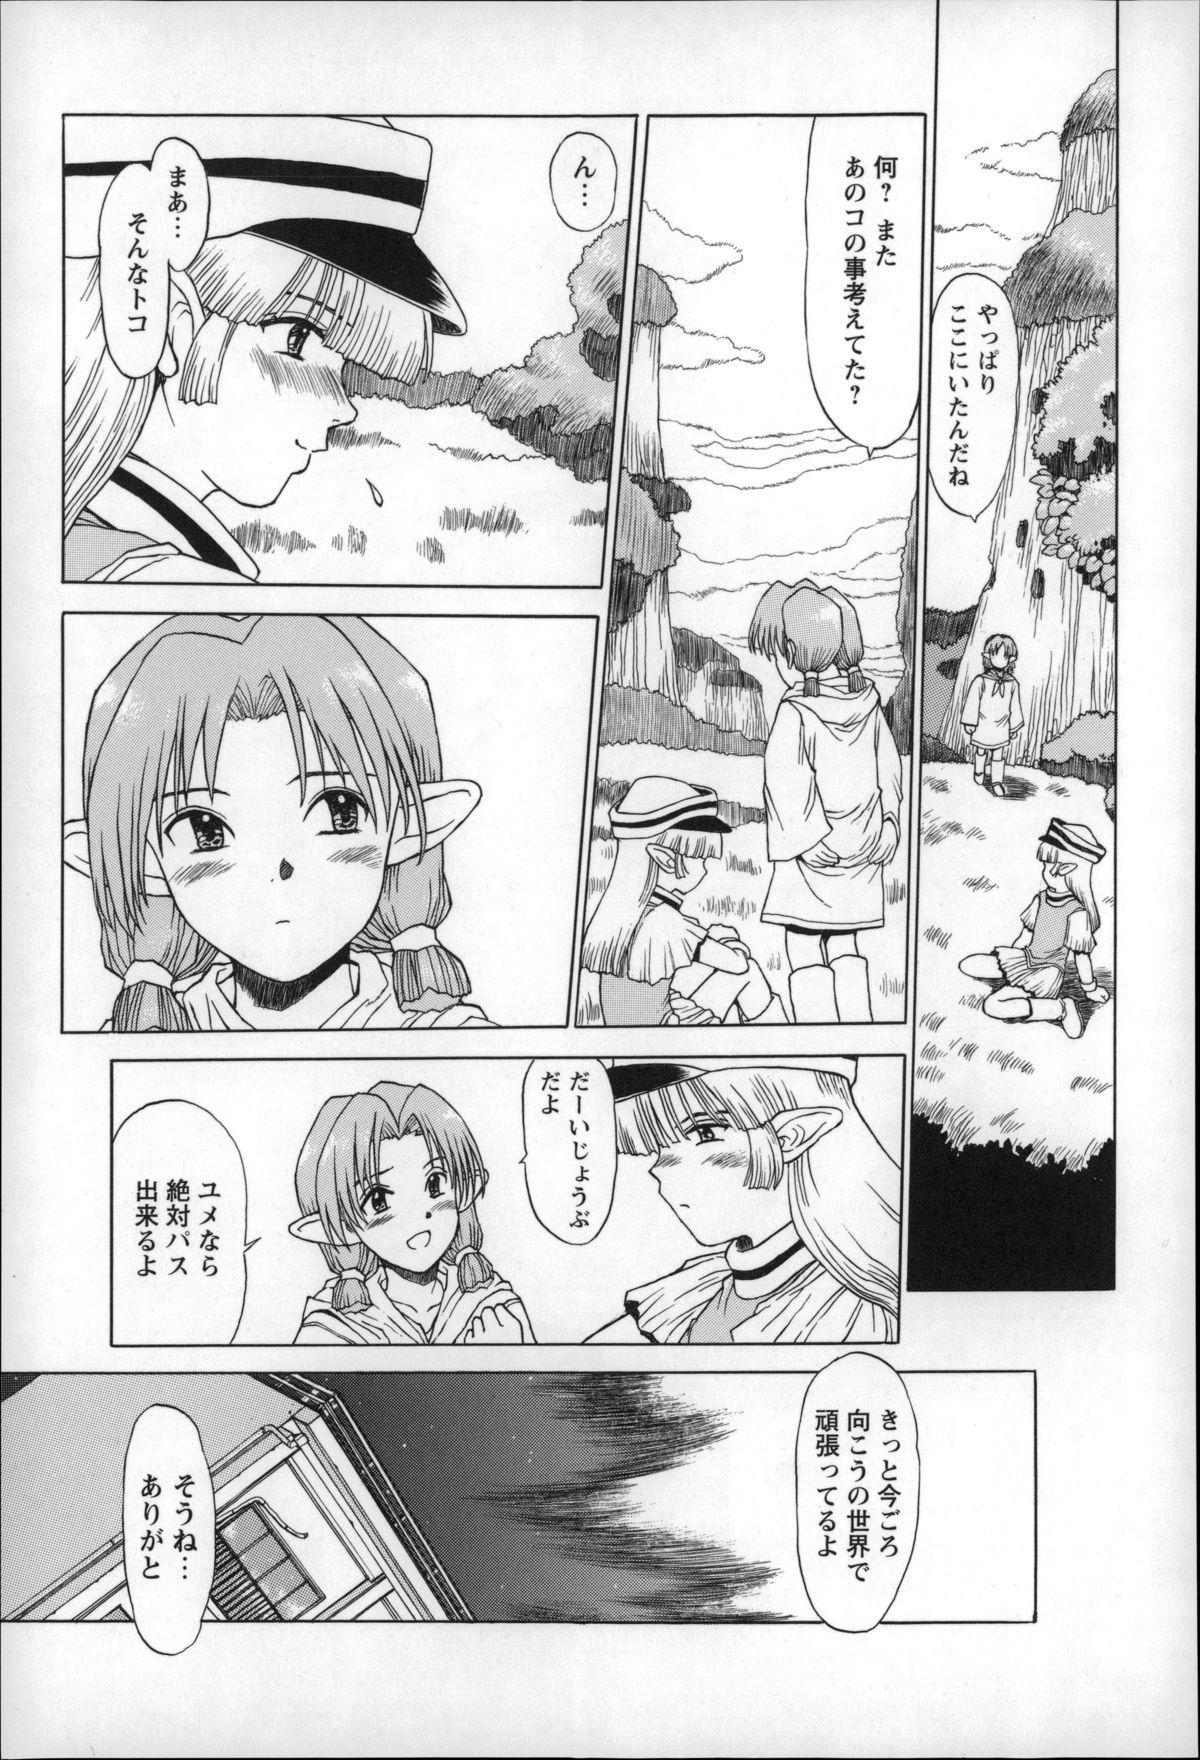 Otona wa Minaide! 113